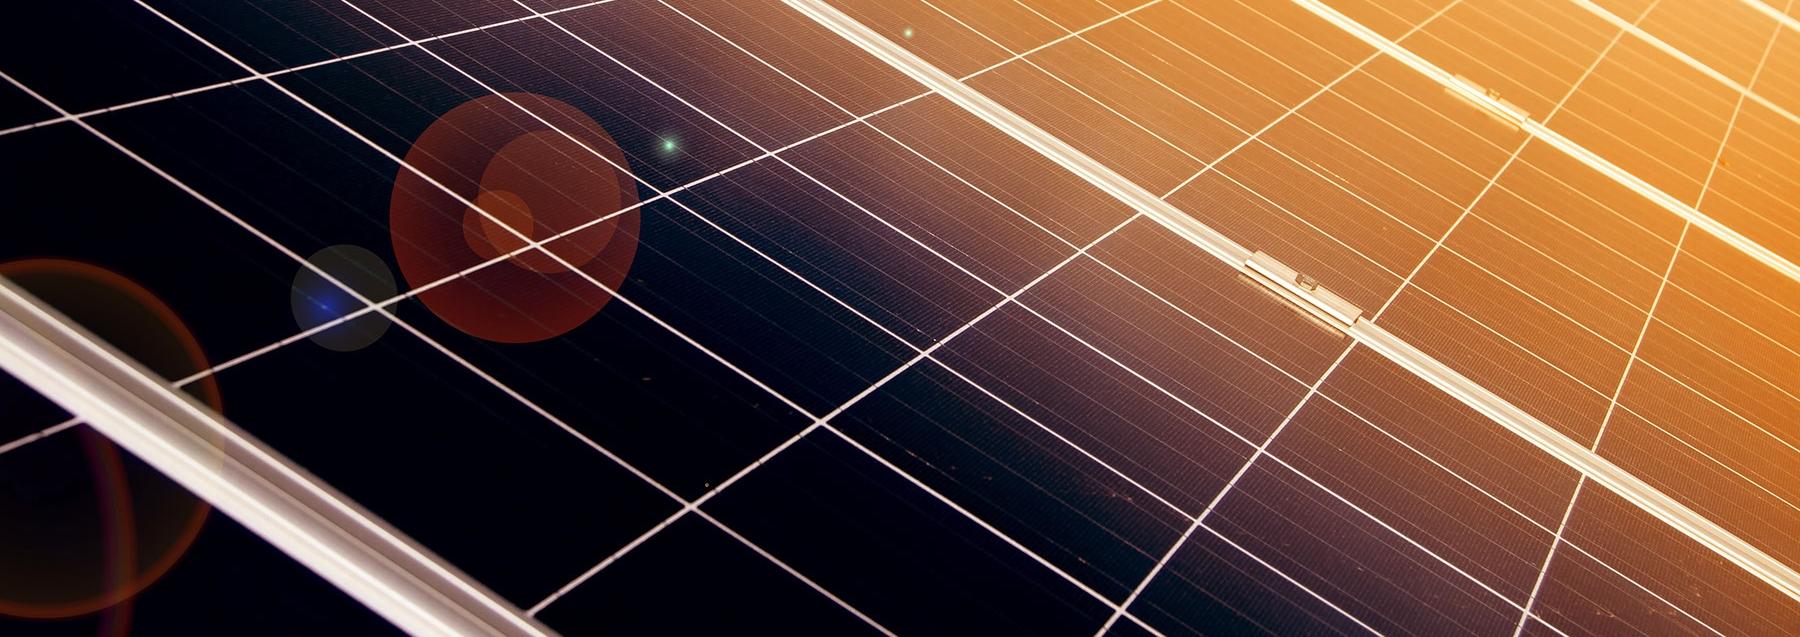 solar panel and renewable energy.jpg